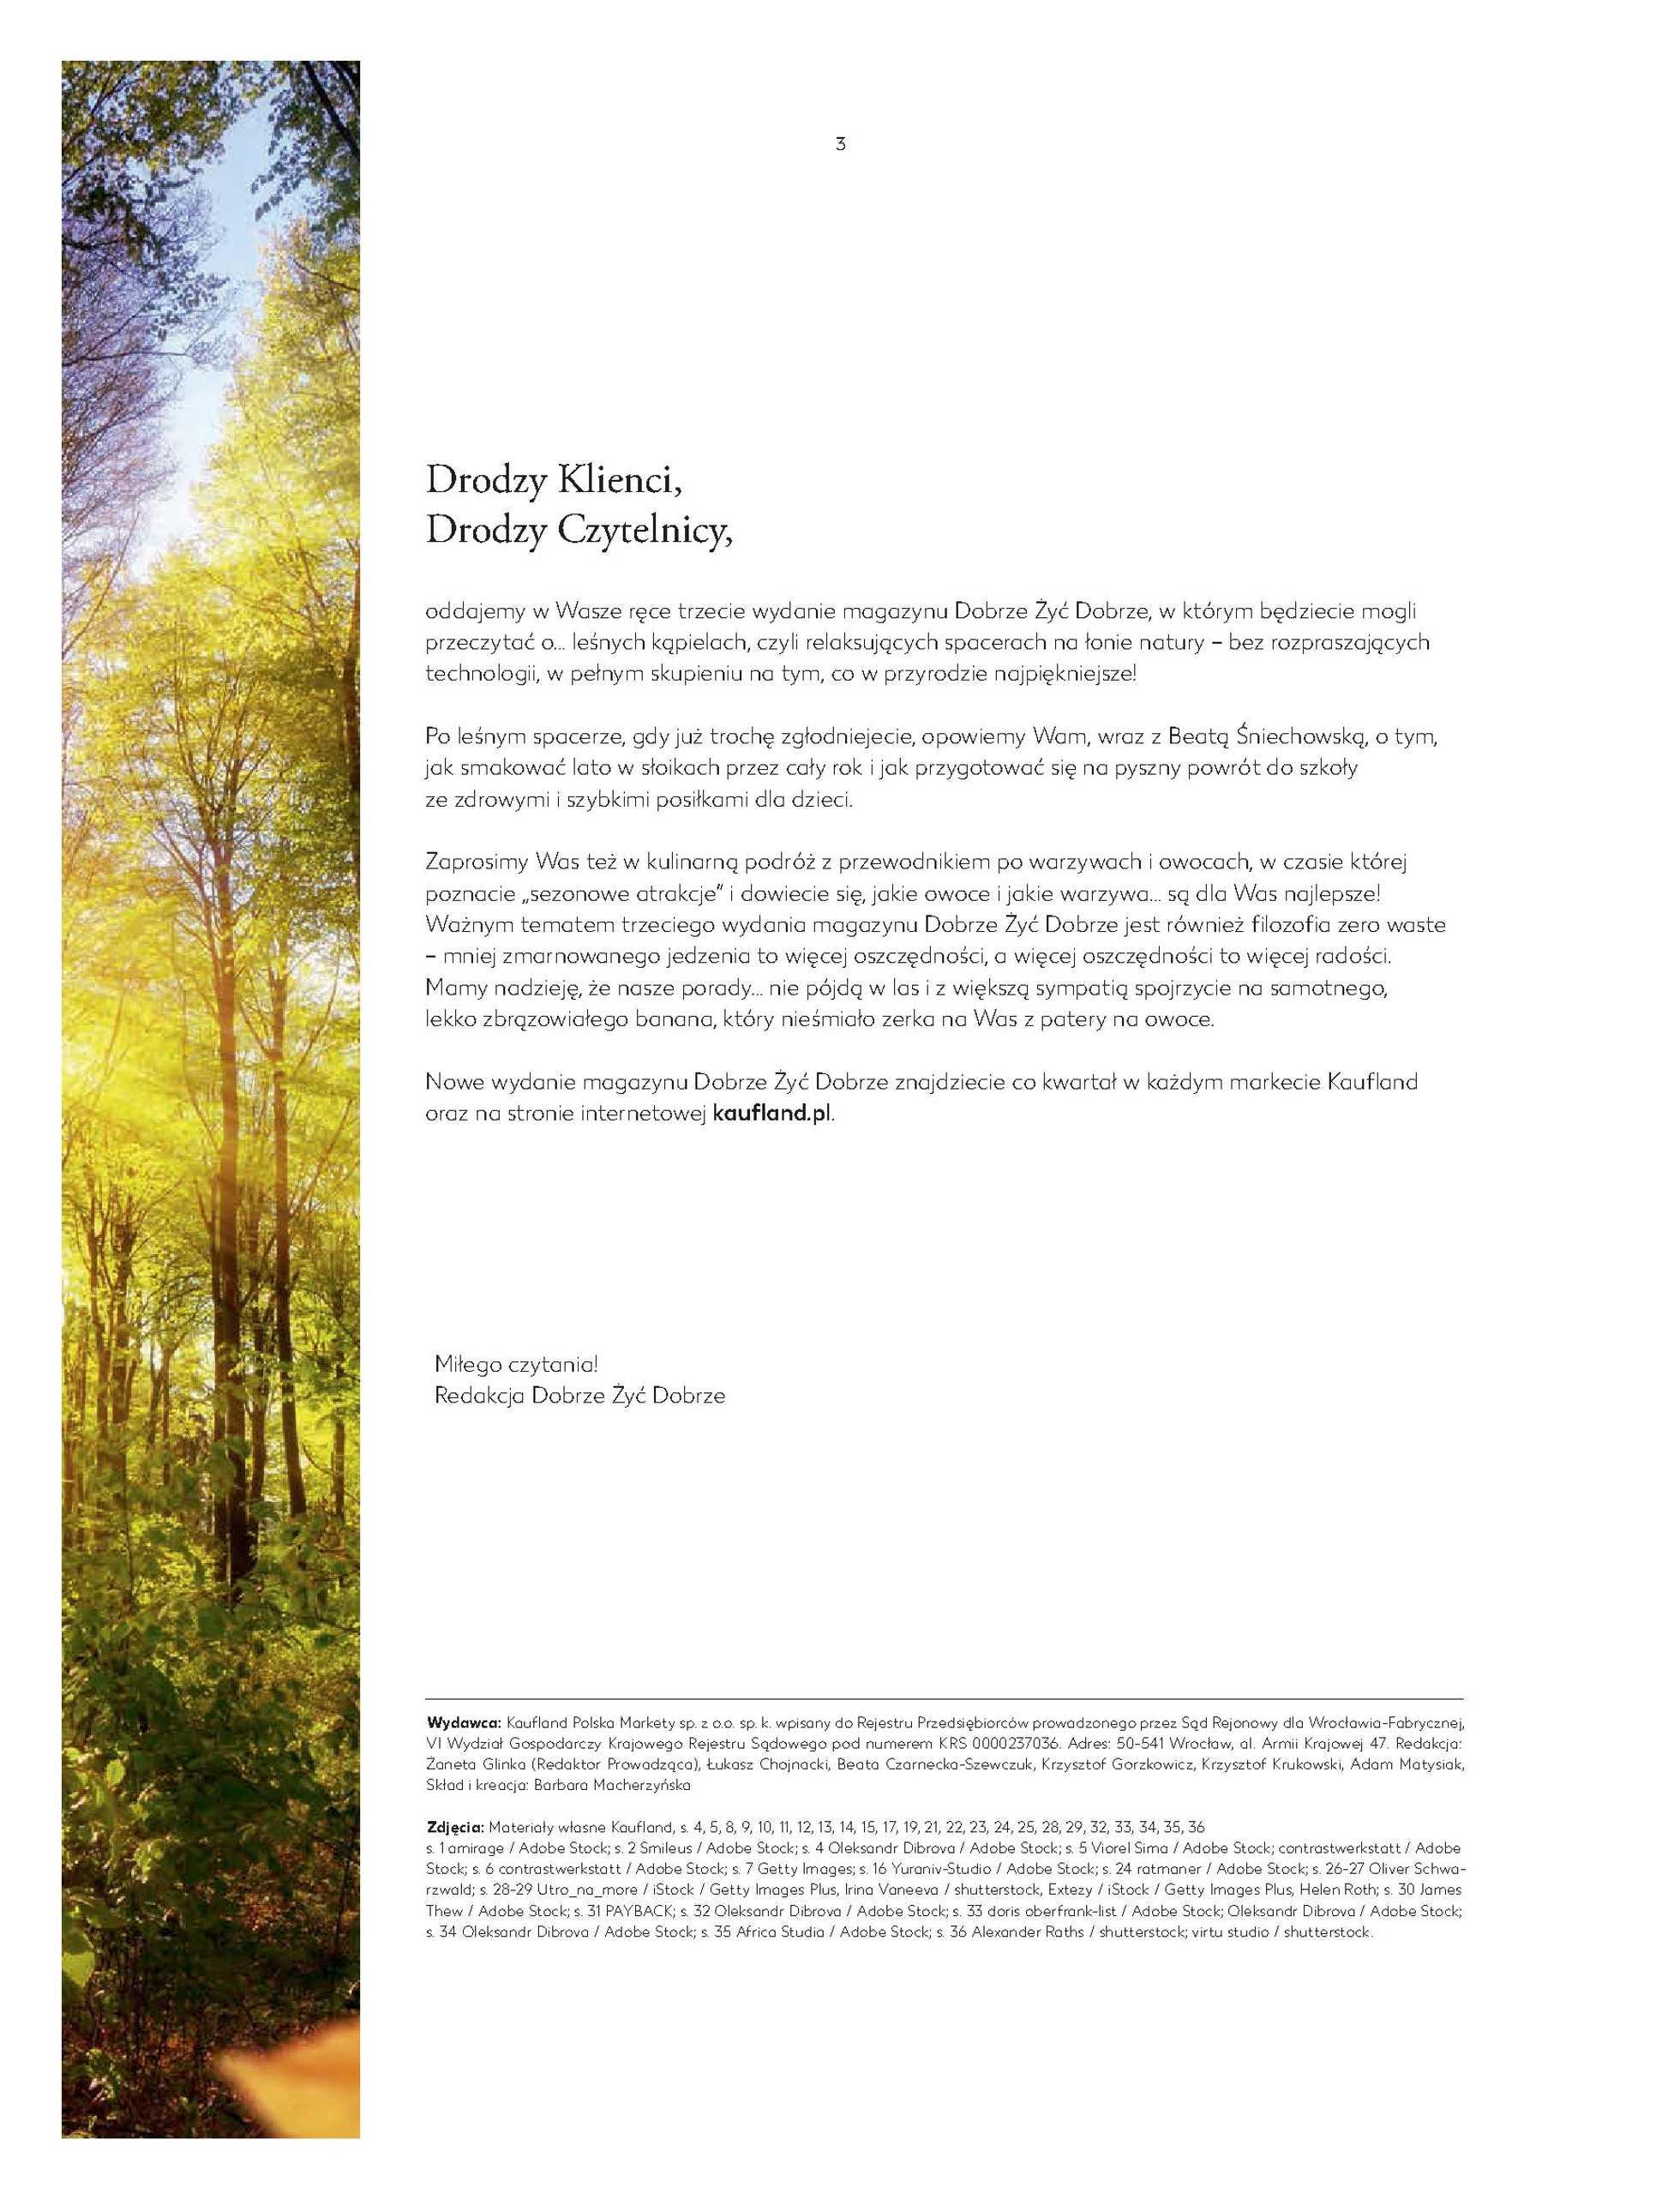 Kaufland - gazetka promocyjna ważna od 01.09.2020 do 31.10.2020 - strona 3.